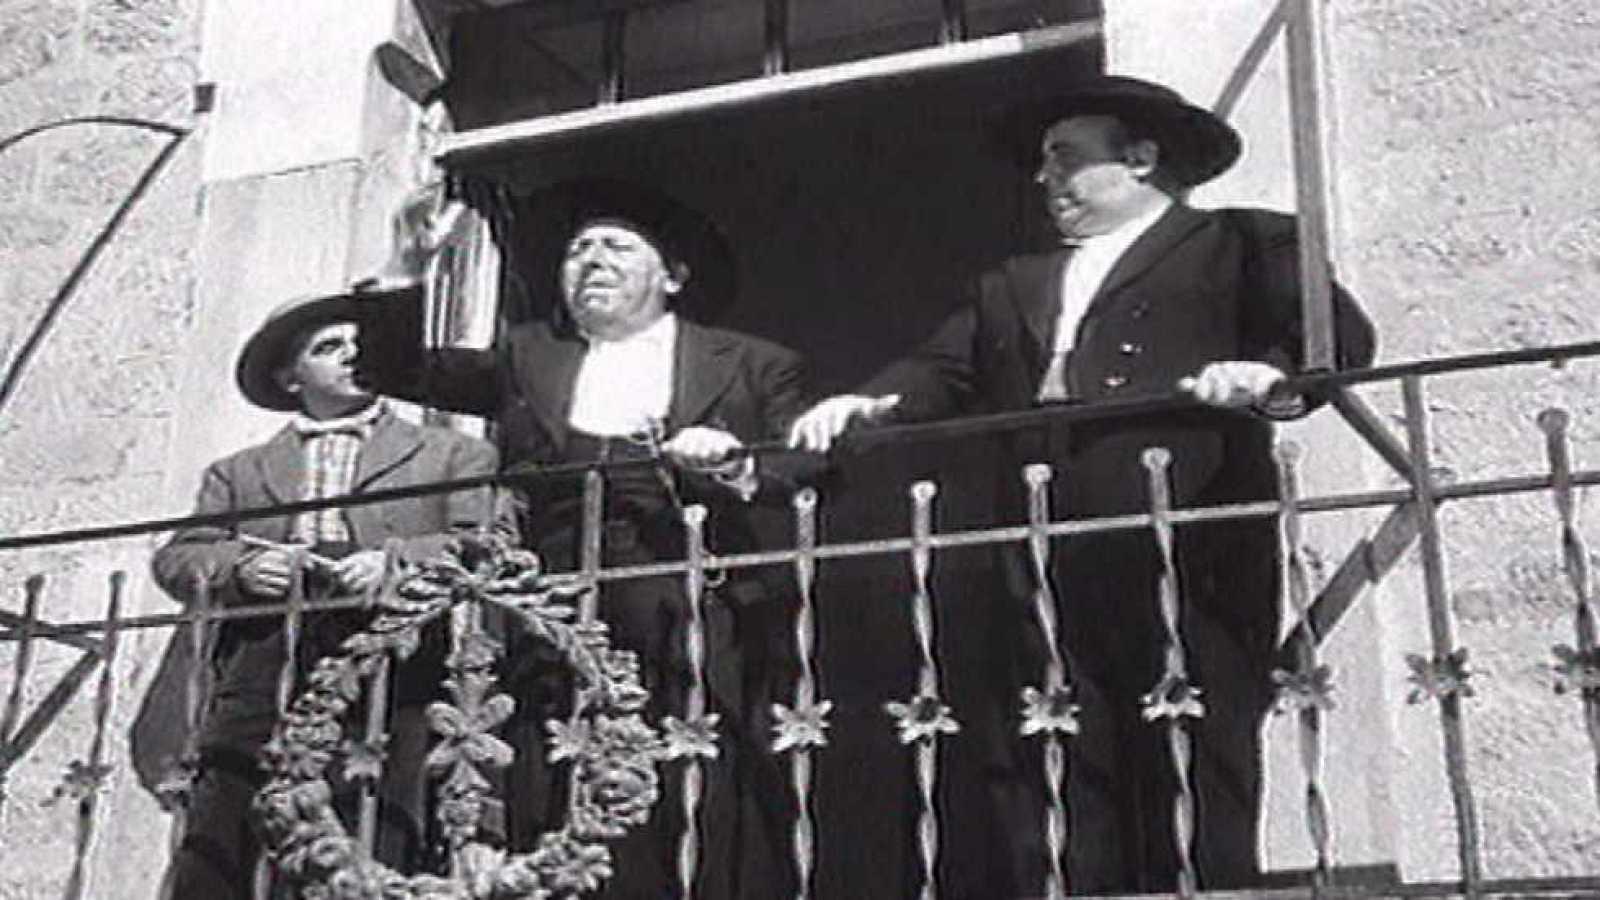 Historia de nuestro cine - Bienvenido Mr Marshall - ver ahora